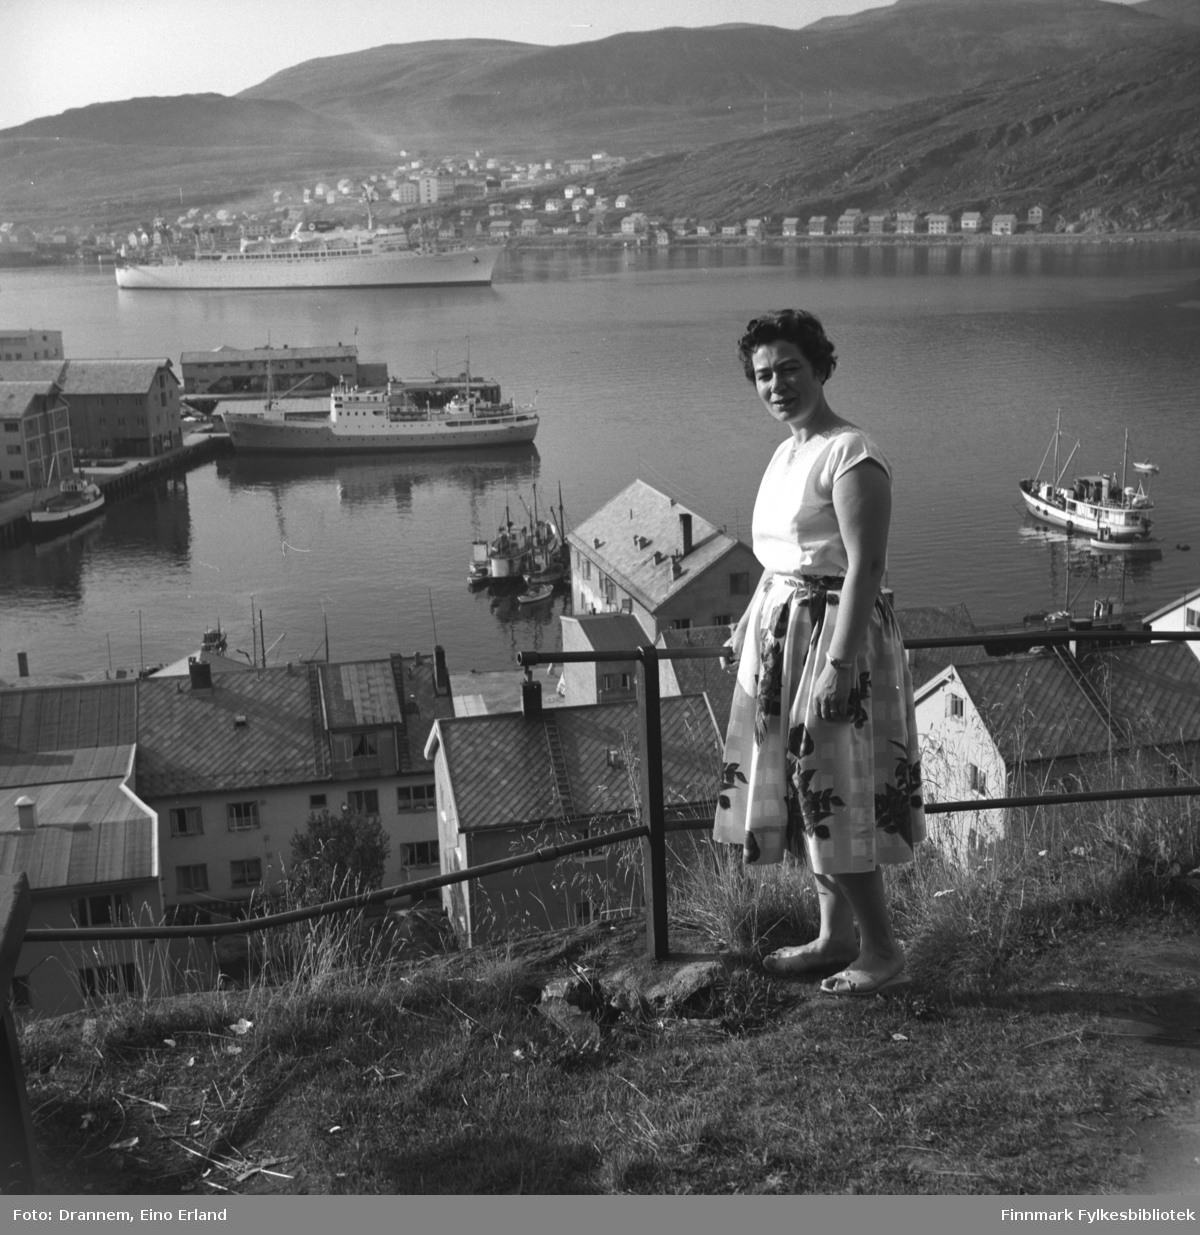 Portrett av Jenny Drannem, i bakgrunnen ser man Hammerfest havn, passasjerskip Argentino nærmer seg havna